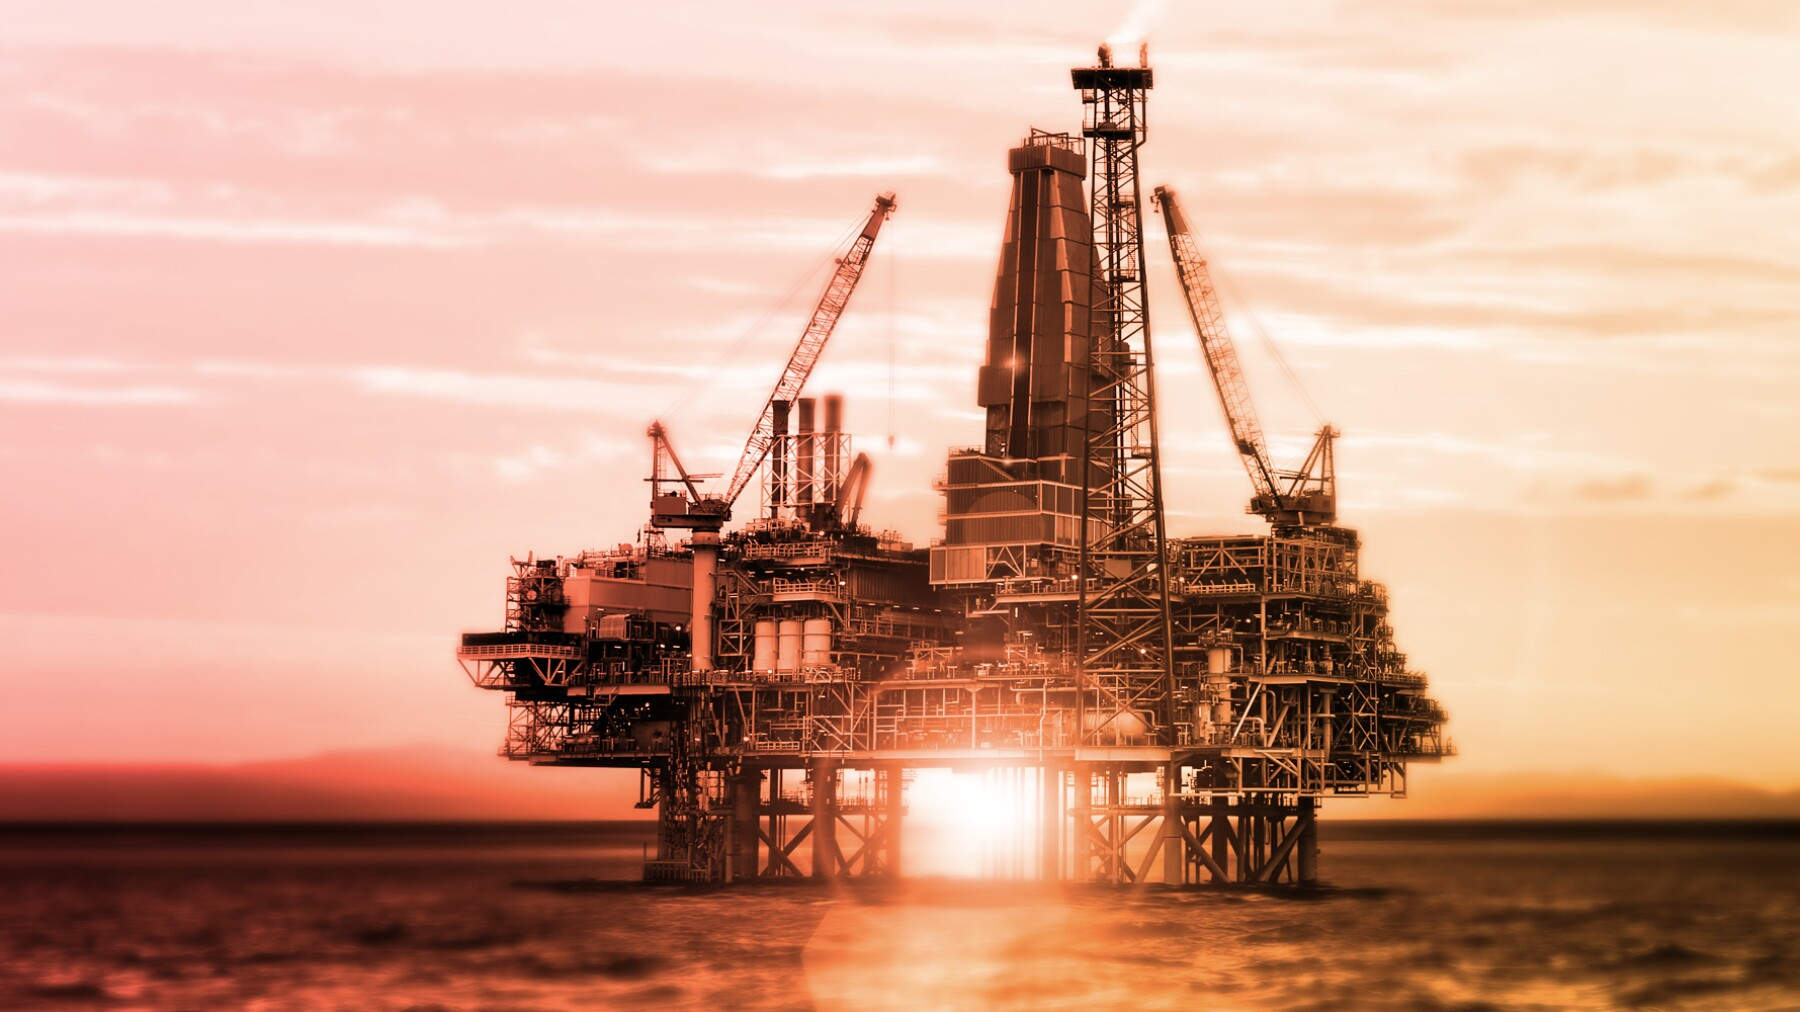 El petróleo operó entre los 100.74 y los 102.44 dólares. (Foto: Photos to go)